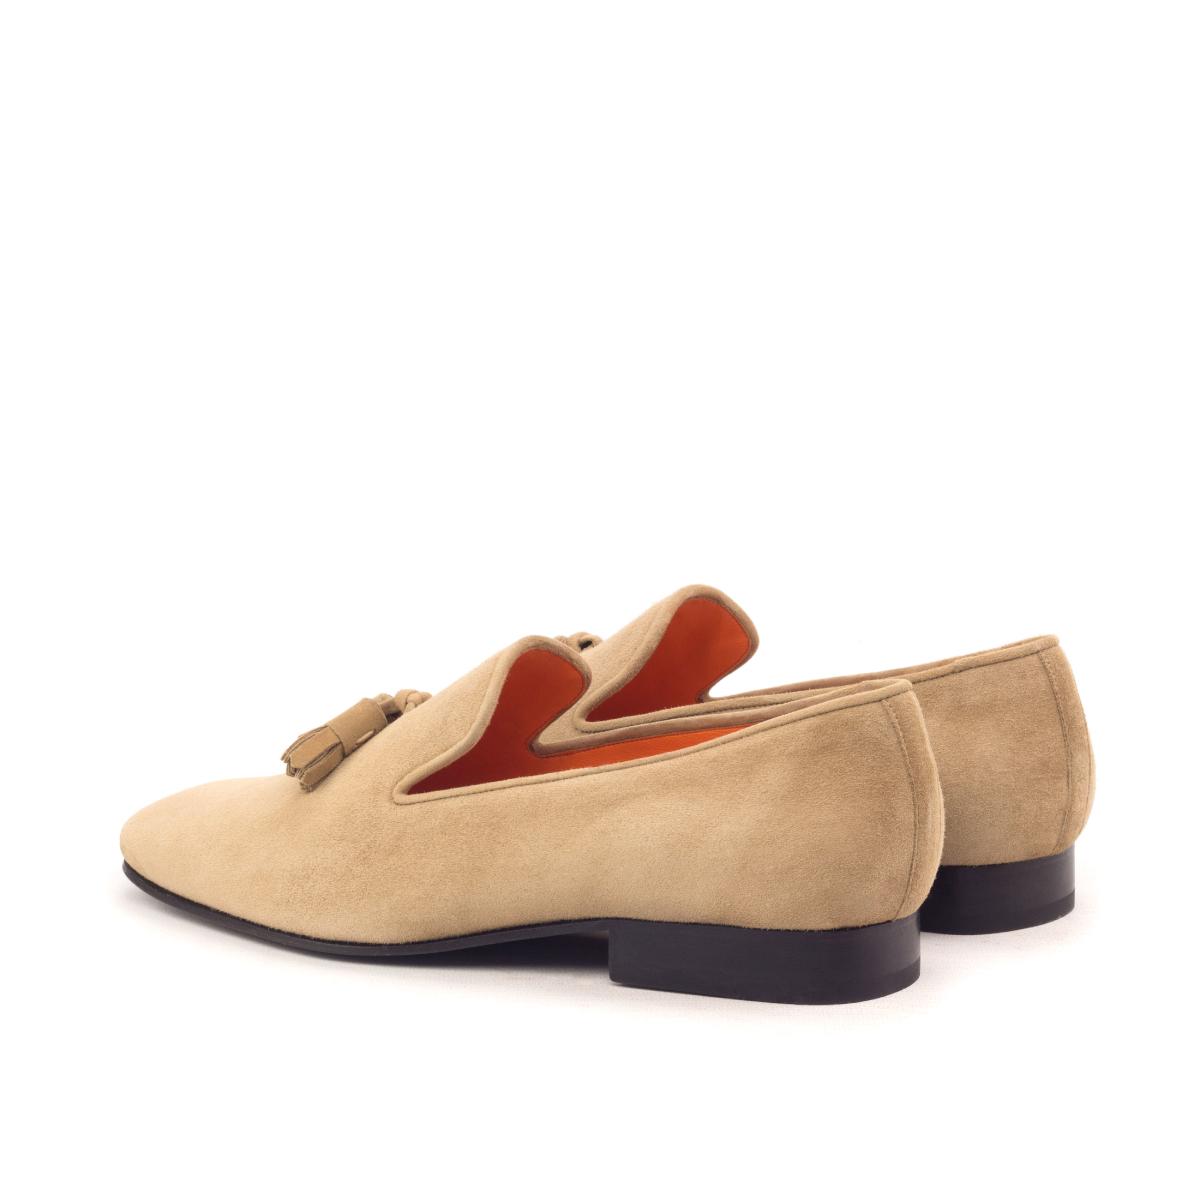 Beige lux suede slipper